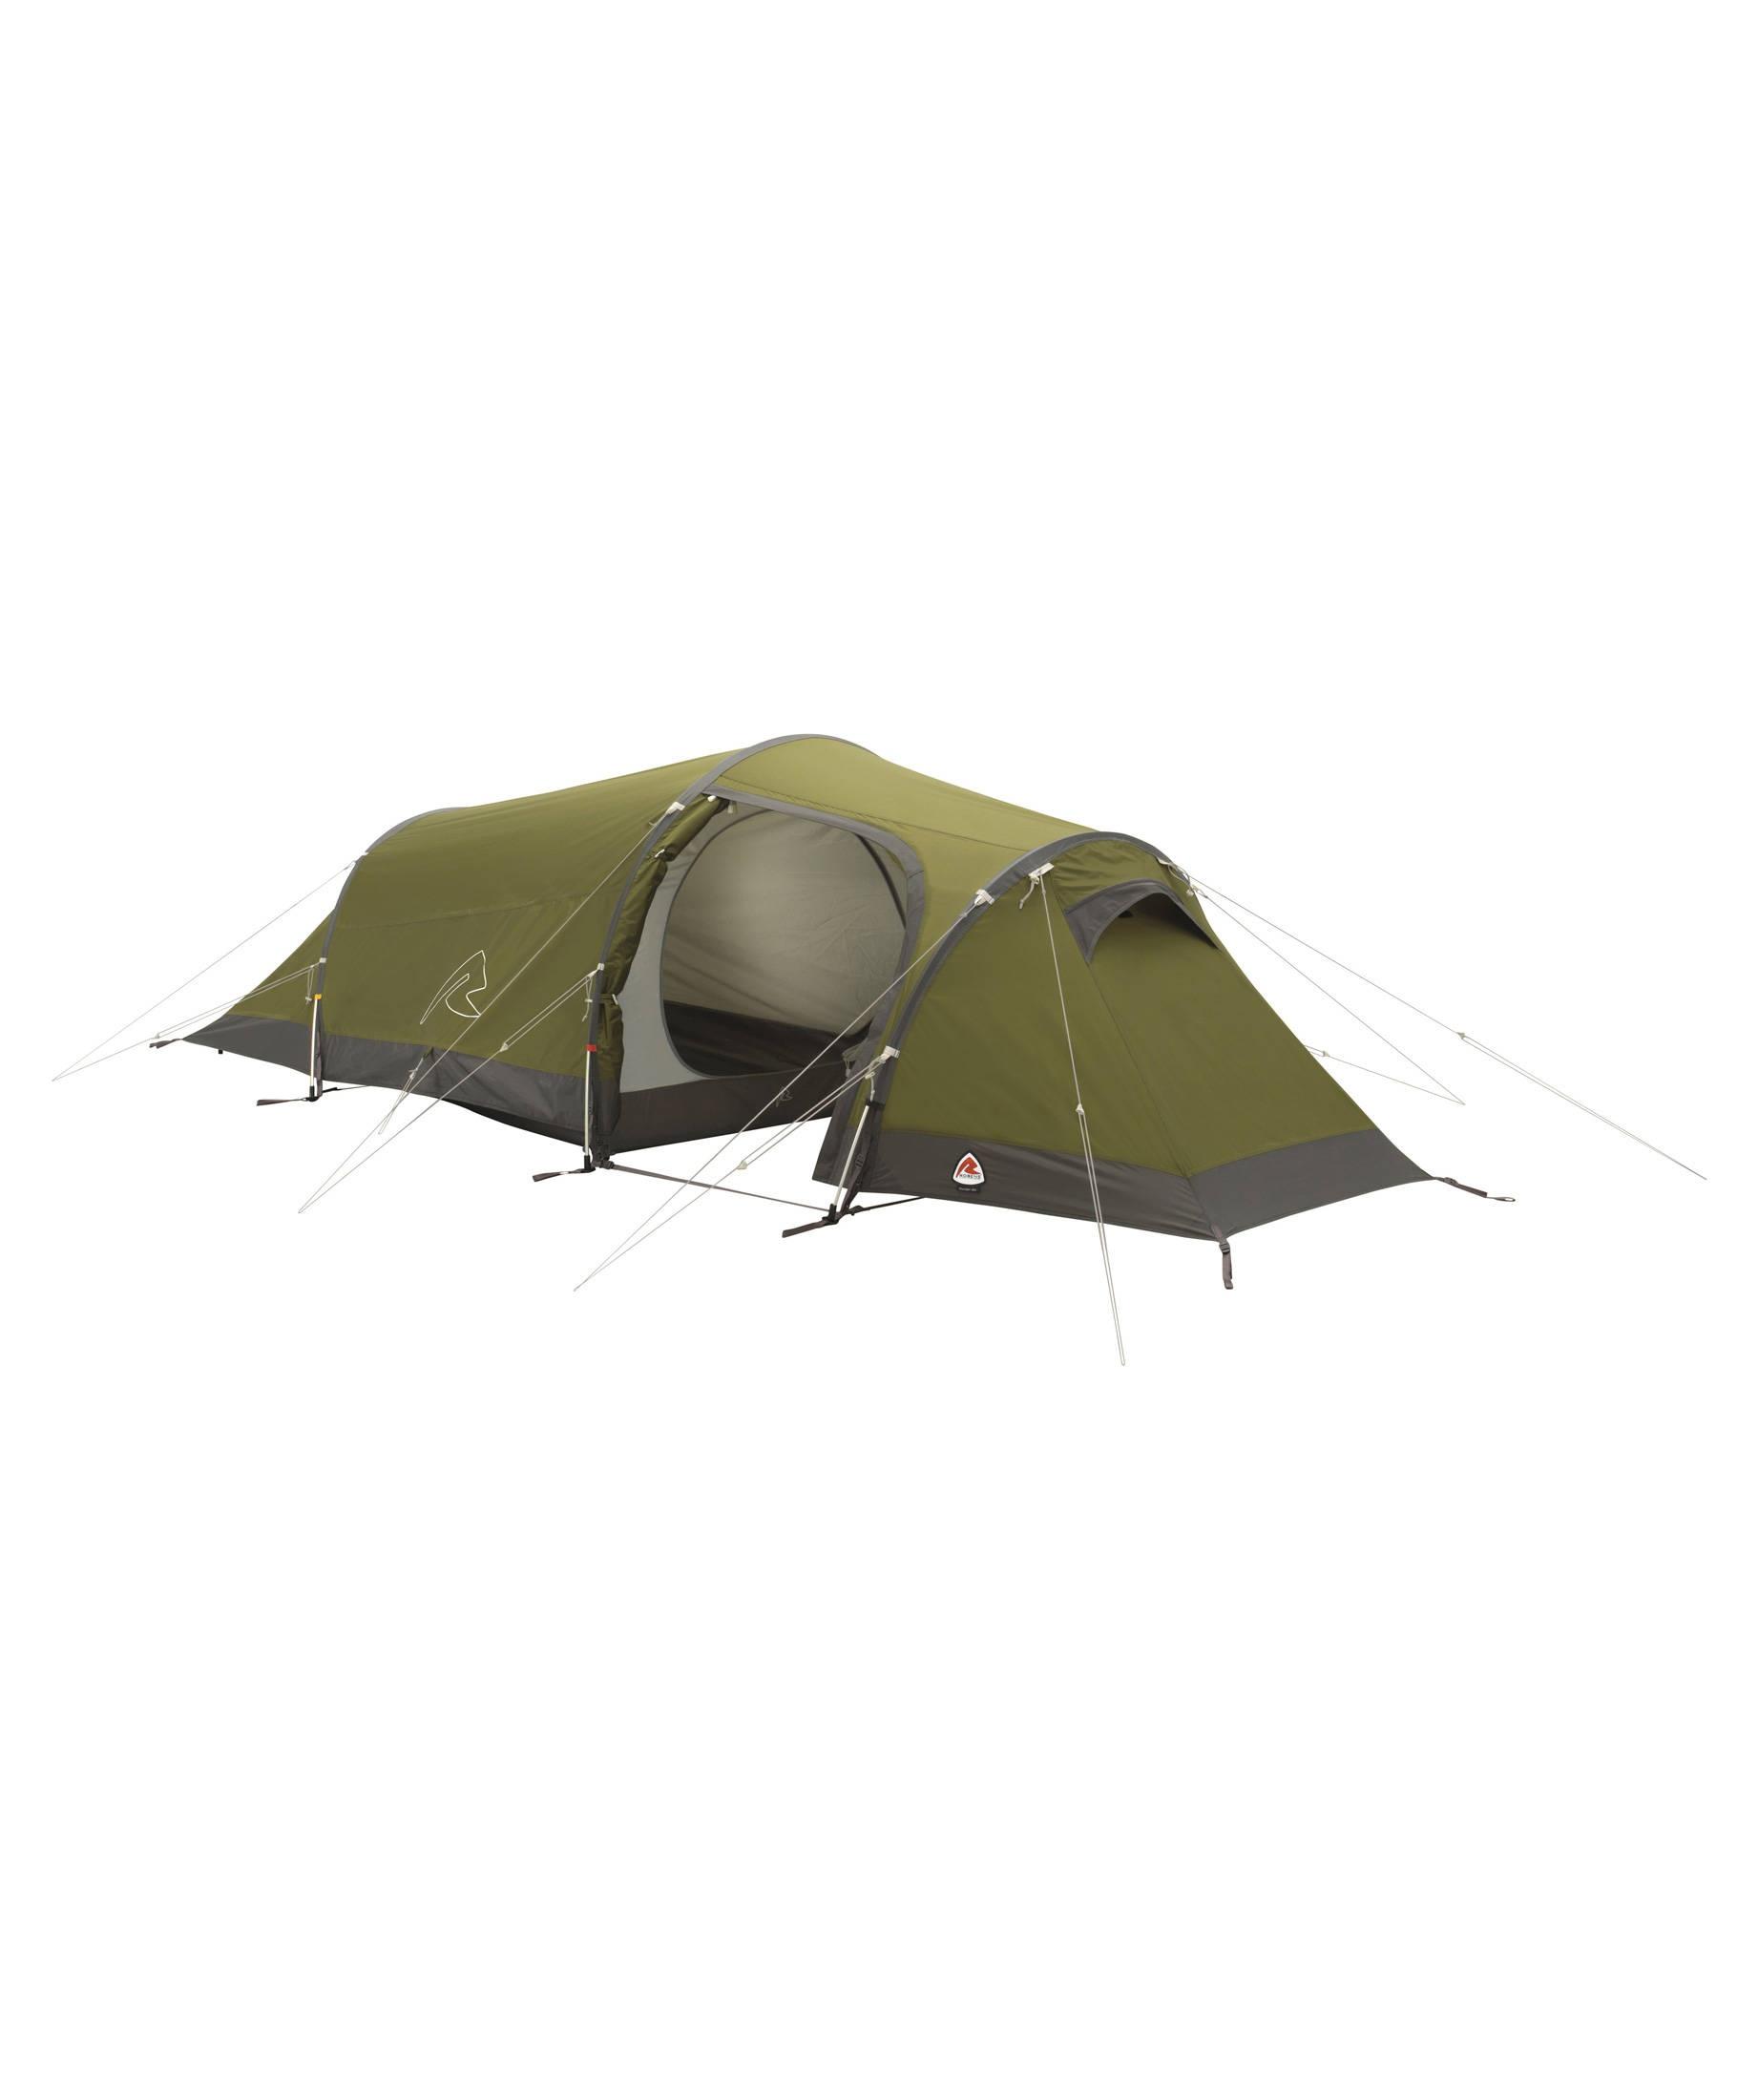 Trekking mit Zelt: Tipps und Ausrüstung (Teil 1) inklusive Packliste